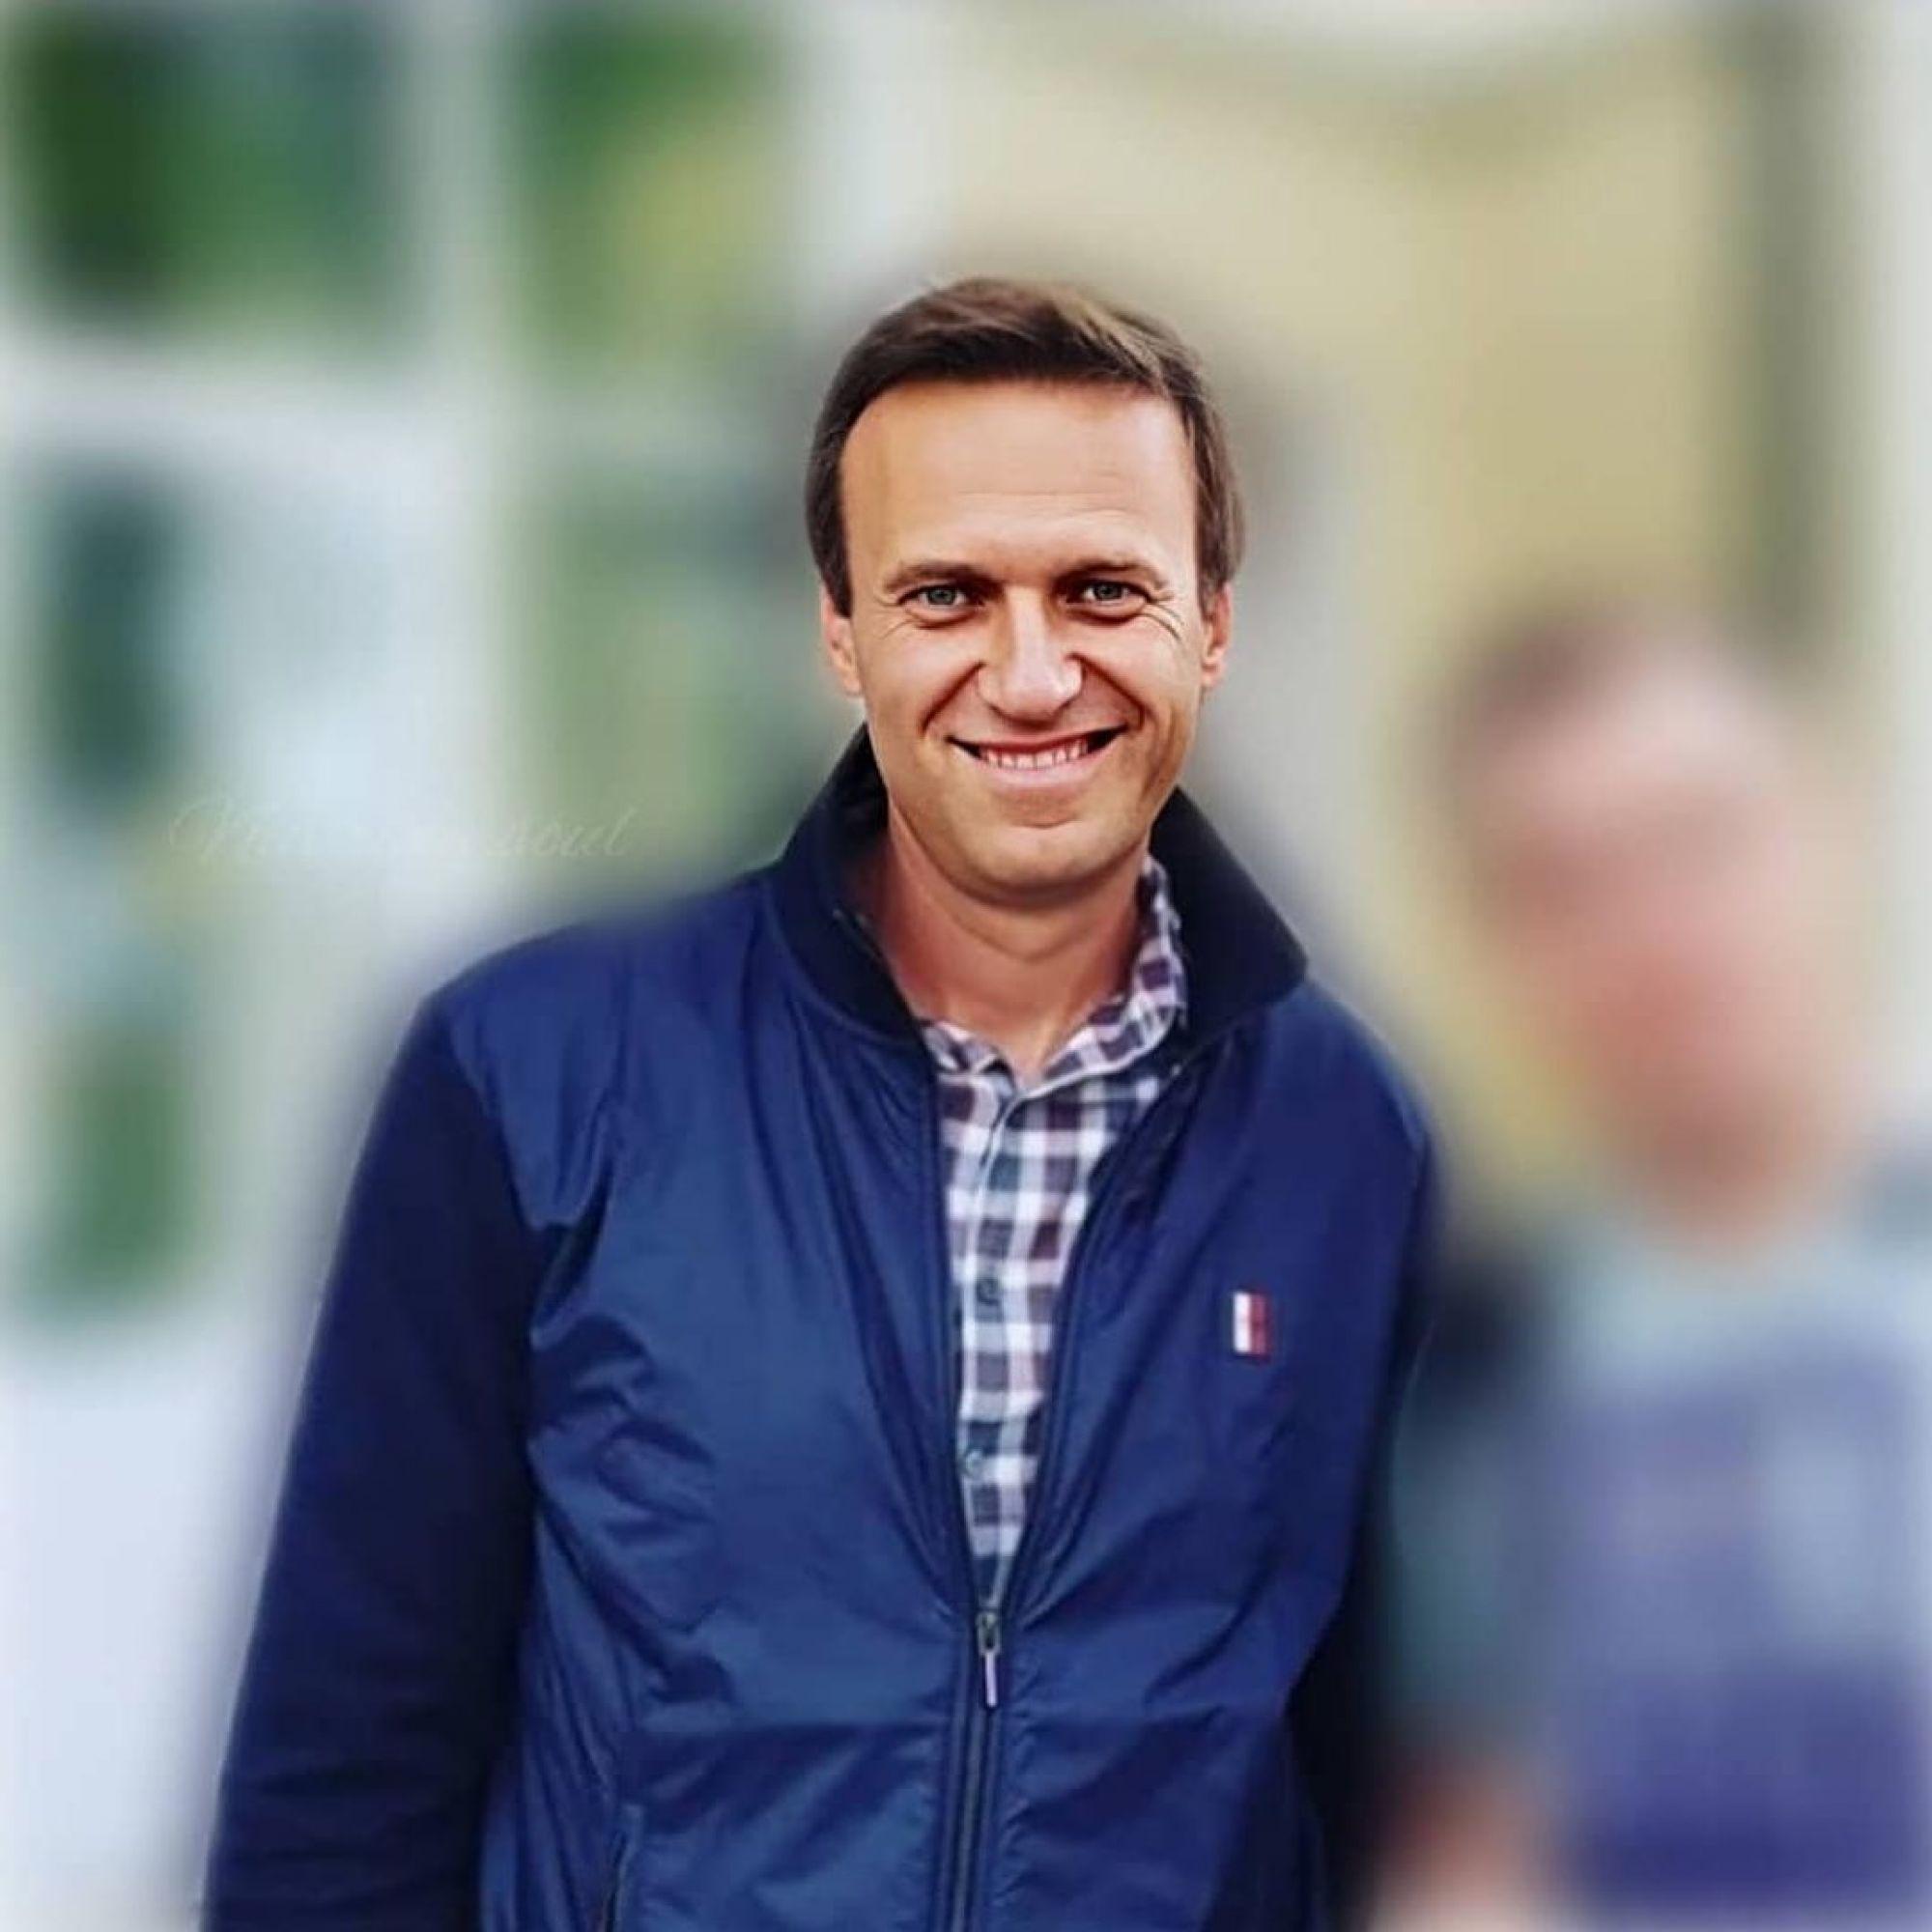 Навальный впал в кому, он находится на аппарате ИВЛ